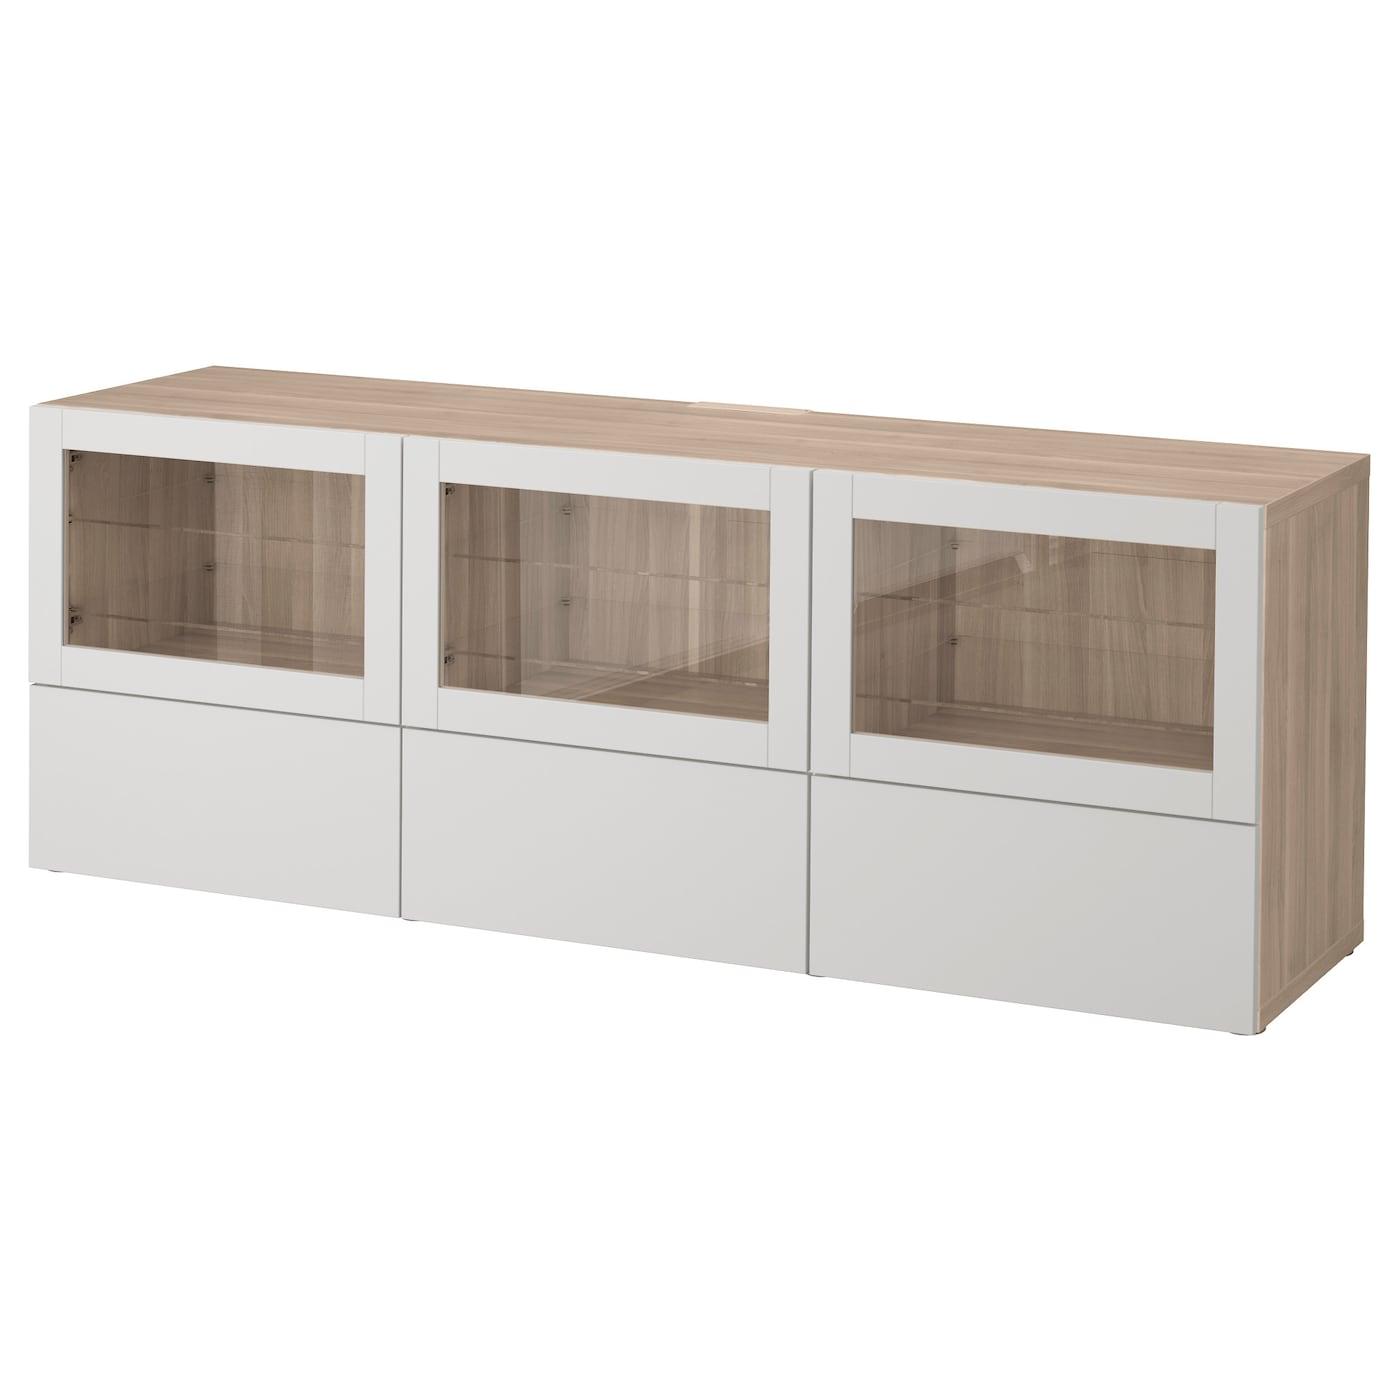 Best Banc Tv Avec Portes Et Tiroirs Motif Noyer Teint Gris  # Banc Tv Ikea Besta Noyer Teinte Gris